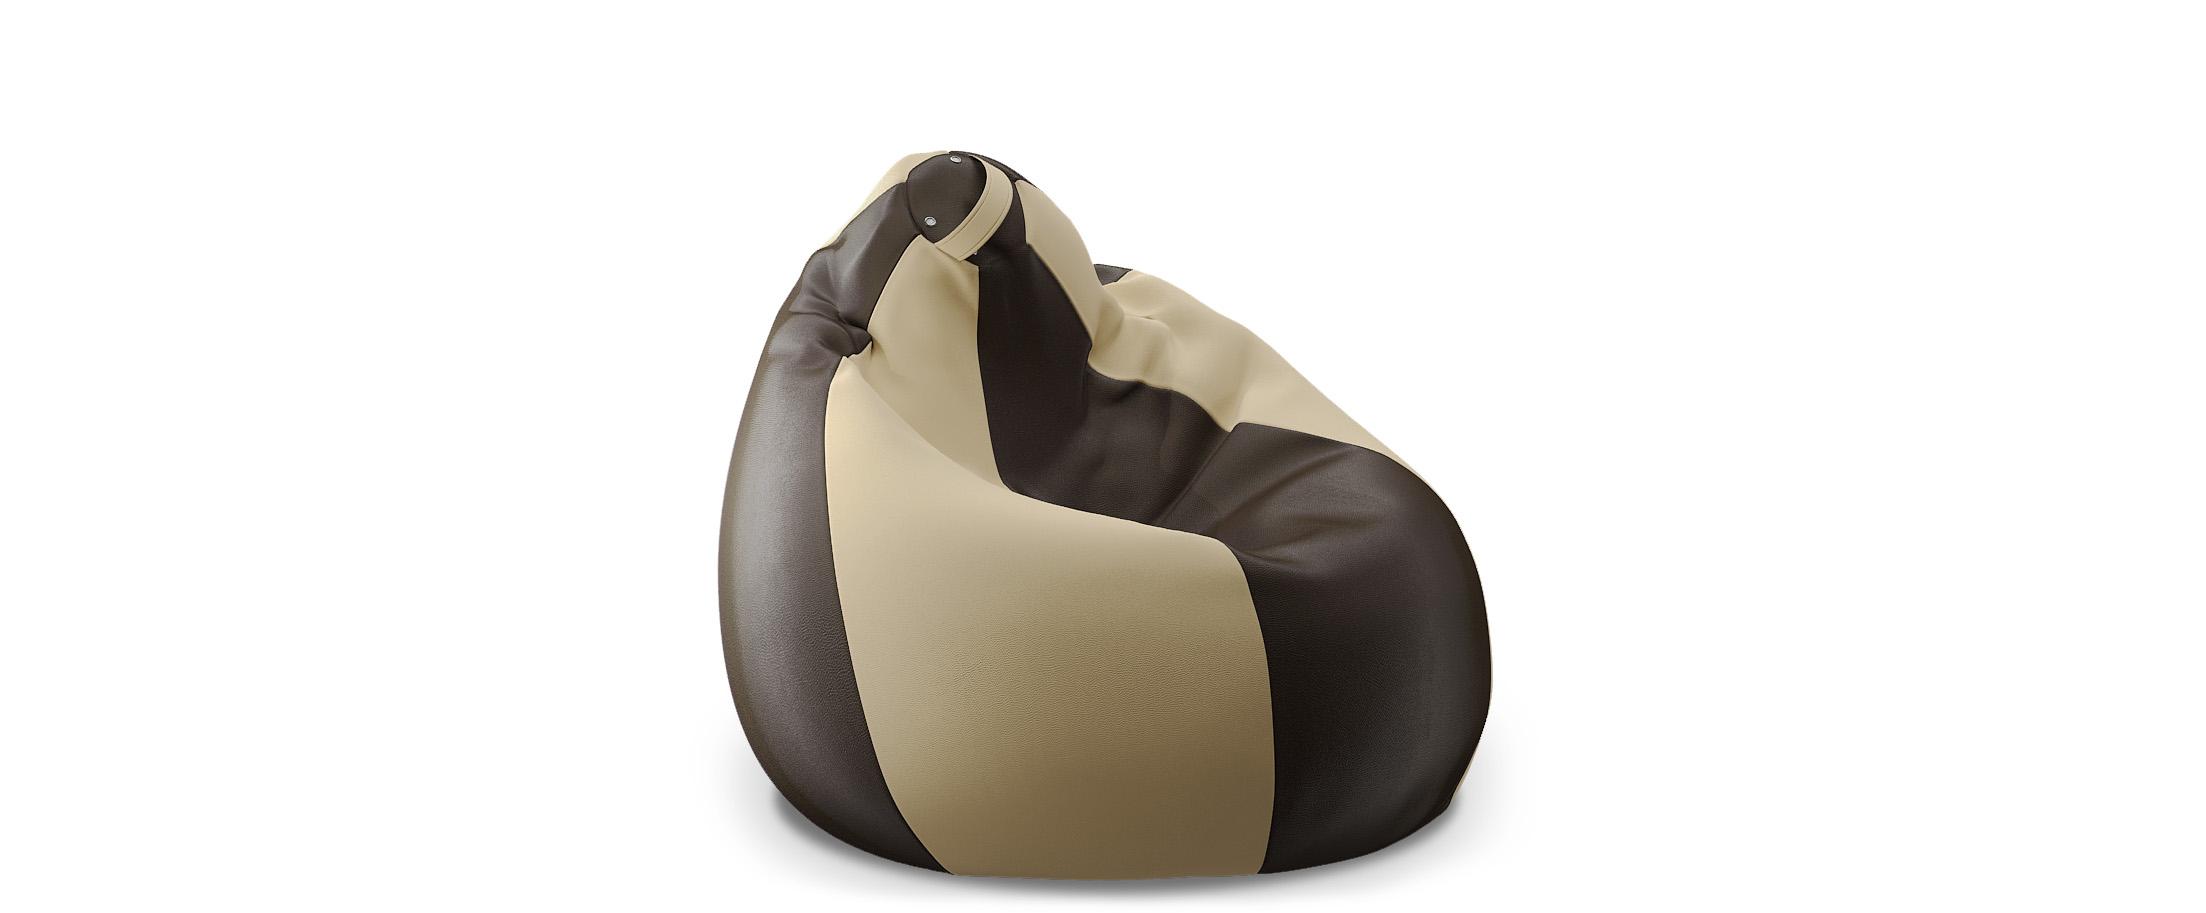 Кресло-мешок Модель 024Купить кресло-мешок из экокожи Модель 010 от производителя. Доставка от 1 дня. Гарантия 18 месяцев. Интернет-магазин мебели MOON TRADE.<br>